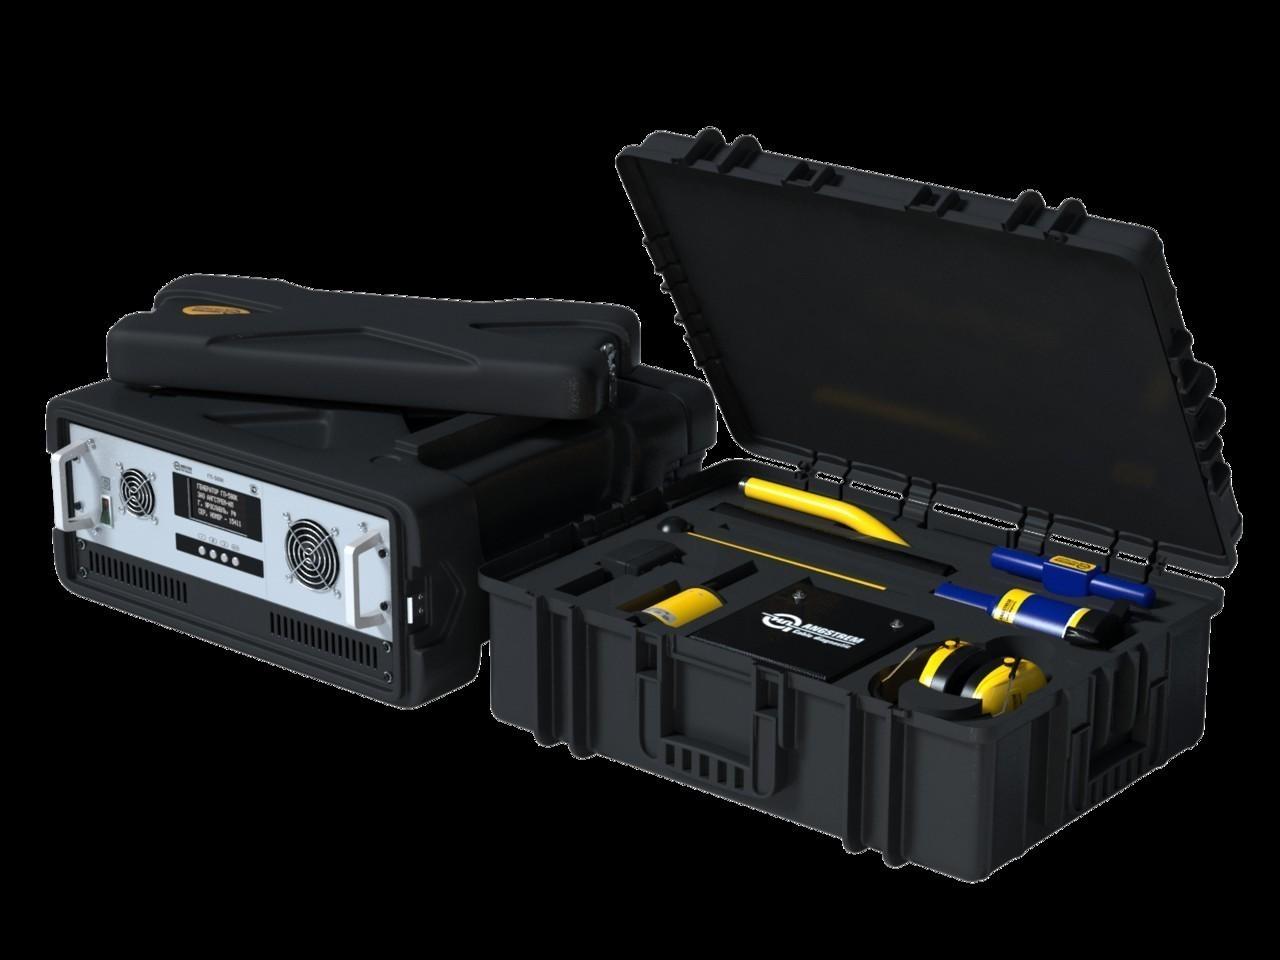 КП-500К в кейсе - комплект поисковый (исполнение 3)